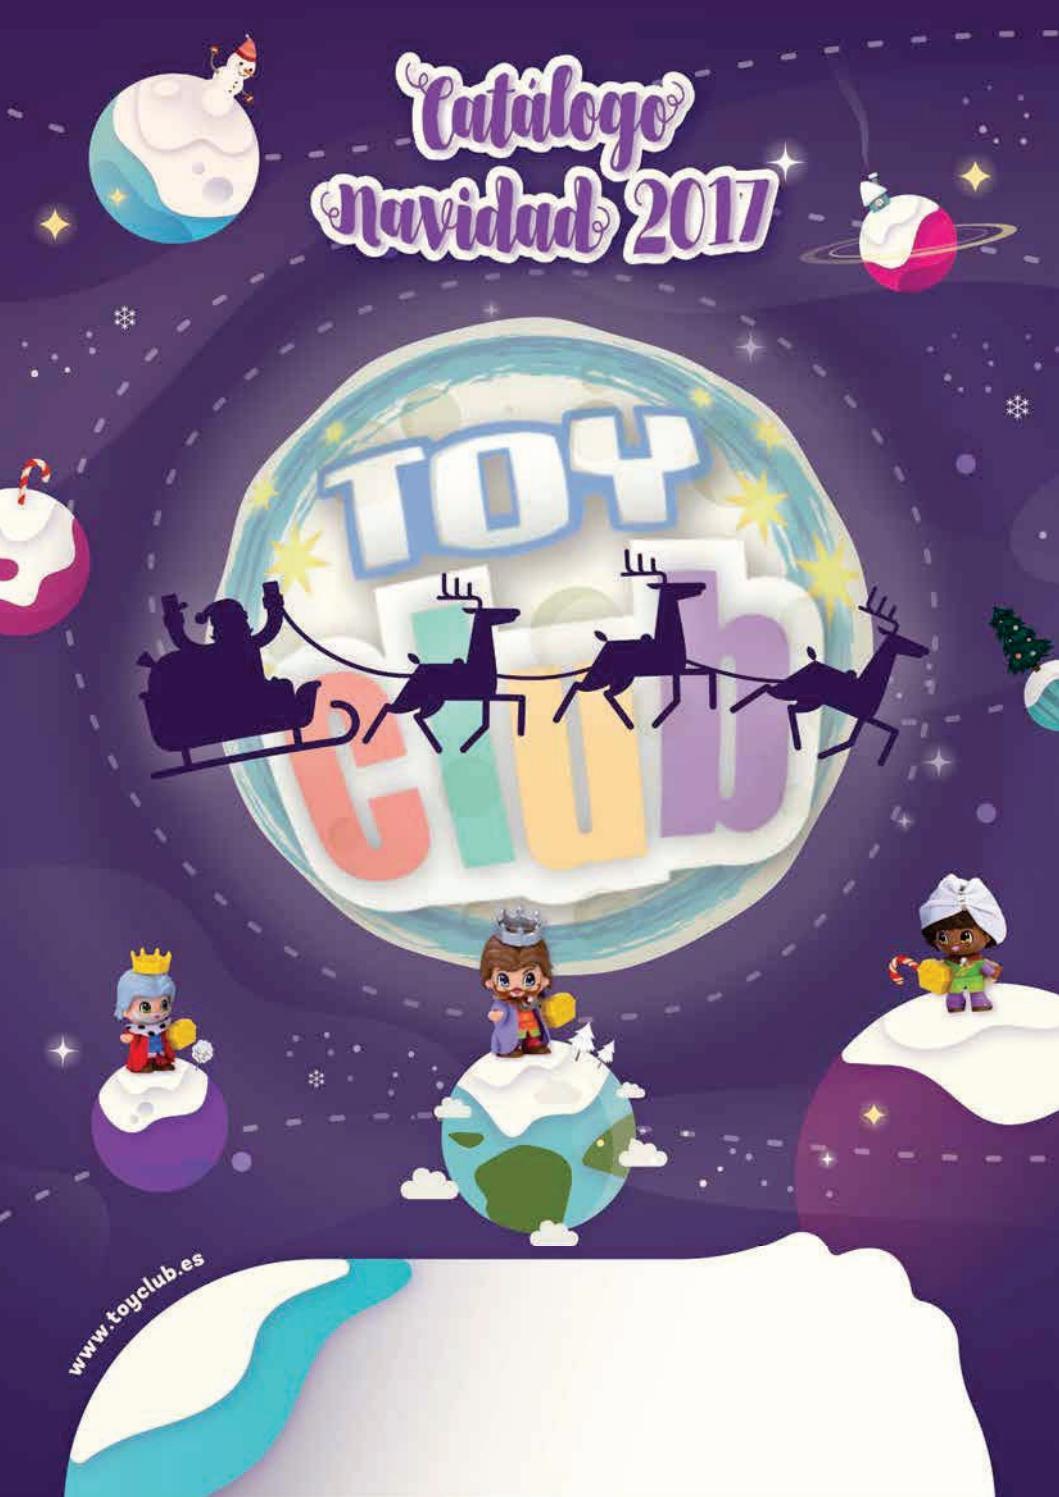 Toyclub Navidad 2017 Esp Creaciones Roma Mzn By Creaciones Roma Issuu